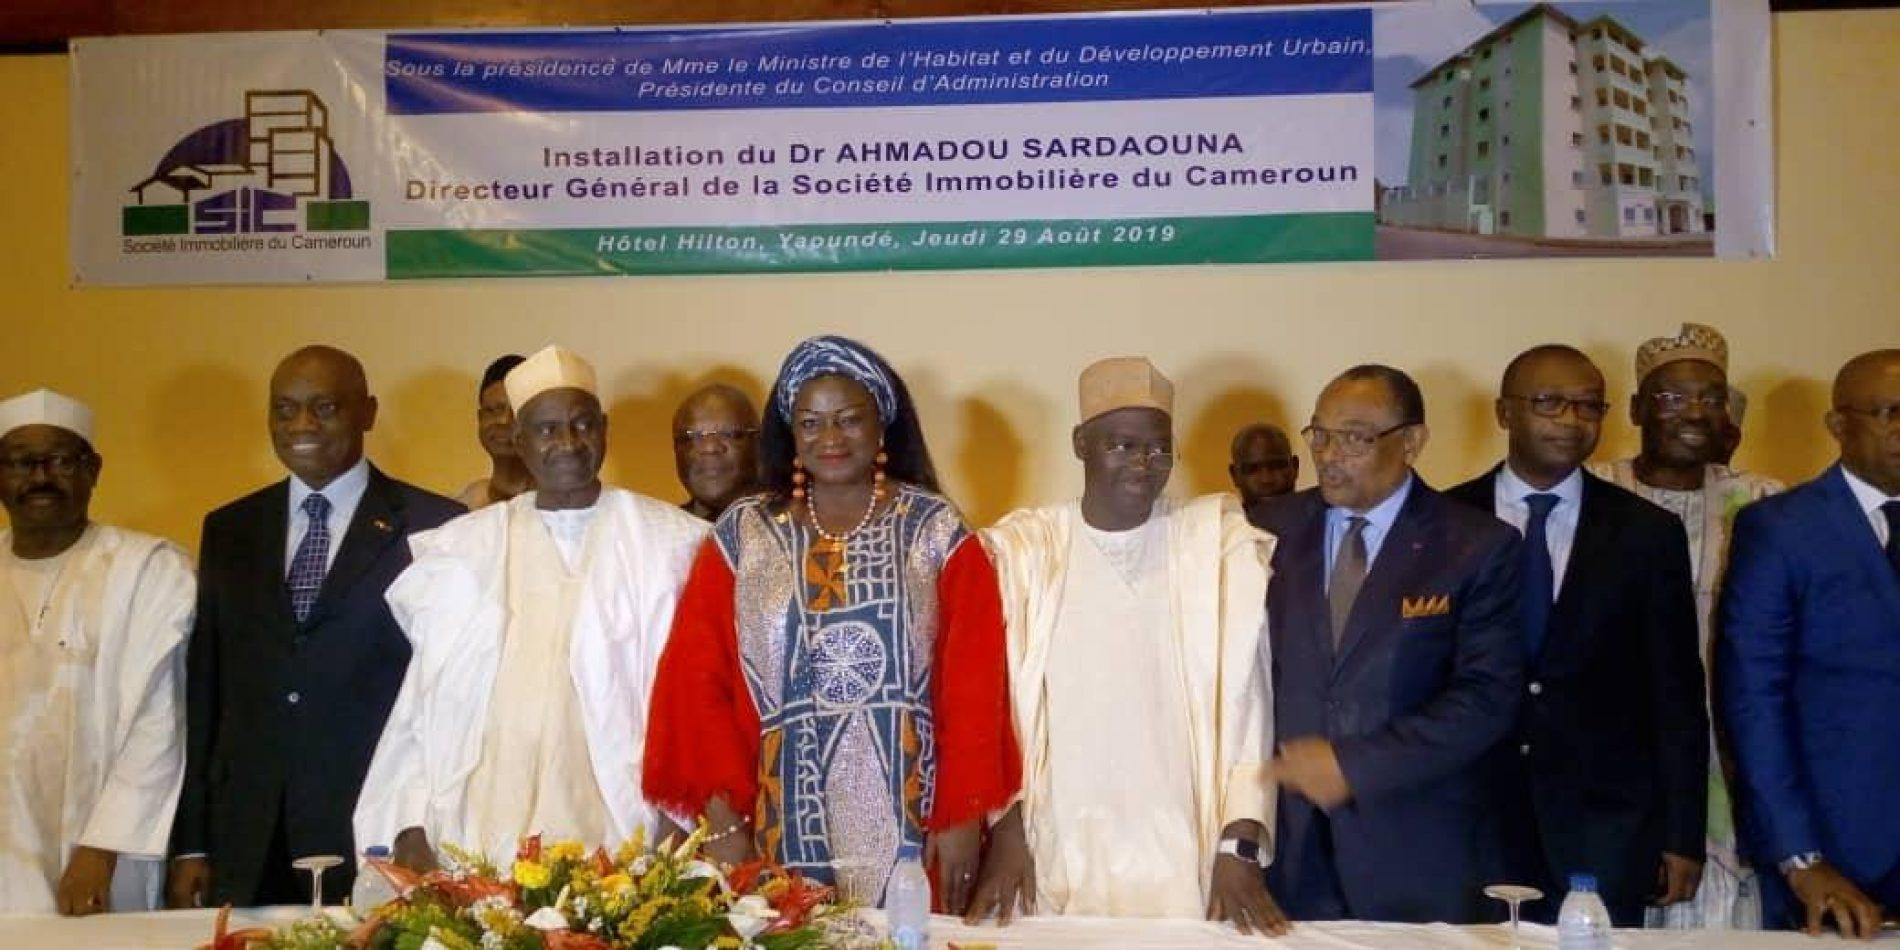 Société Immobilière du Cameroun : Dr Ahmadou Sardaouna en fonction